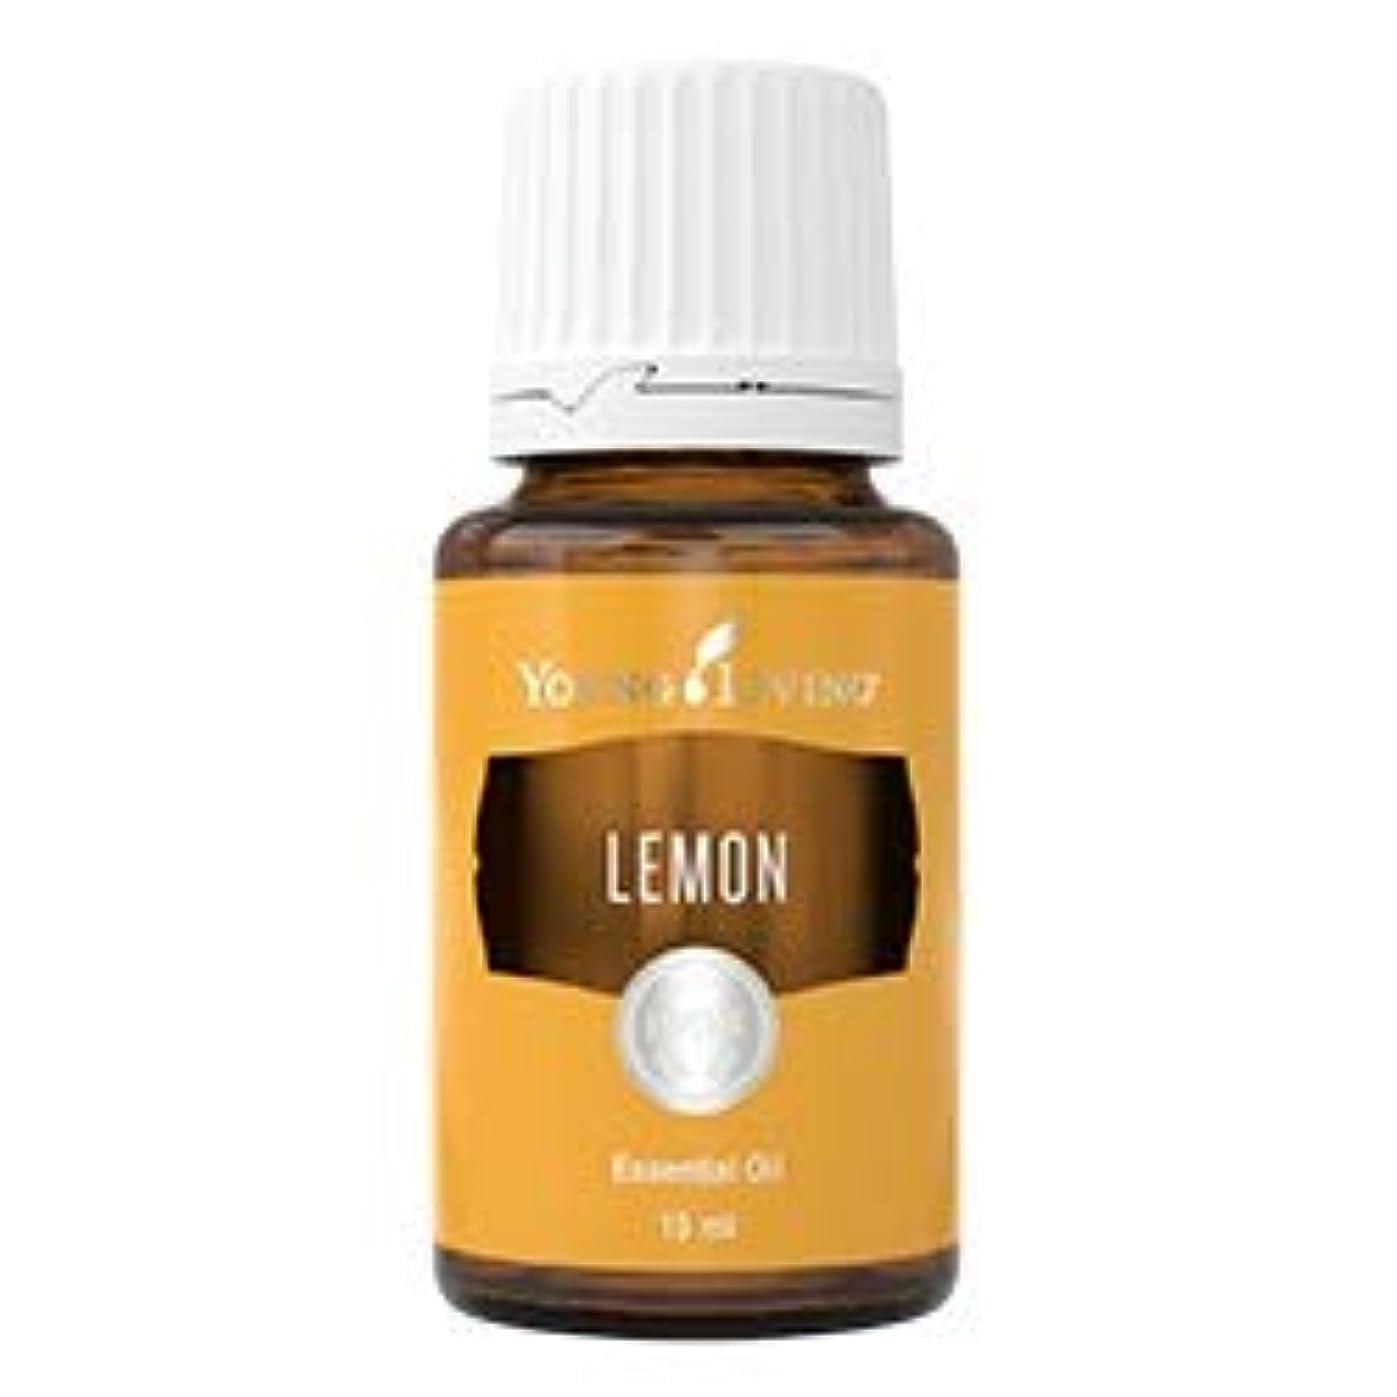 はがき然とした振動するレモンエッセンシャルオイル15 ml byヤングリビングエッセンシャルオイルマレーシア Lemon Essential Oil 15 ml by Young Living Essential Oil Malaysia